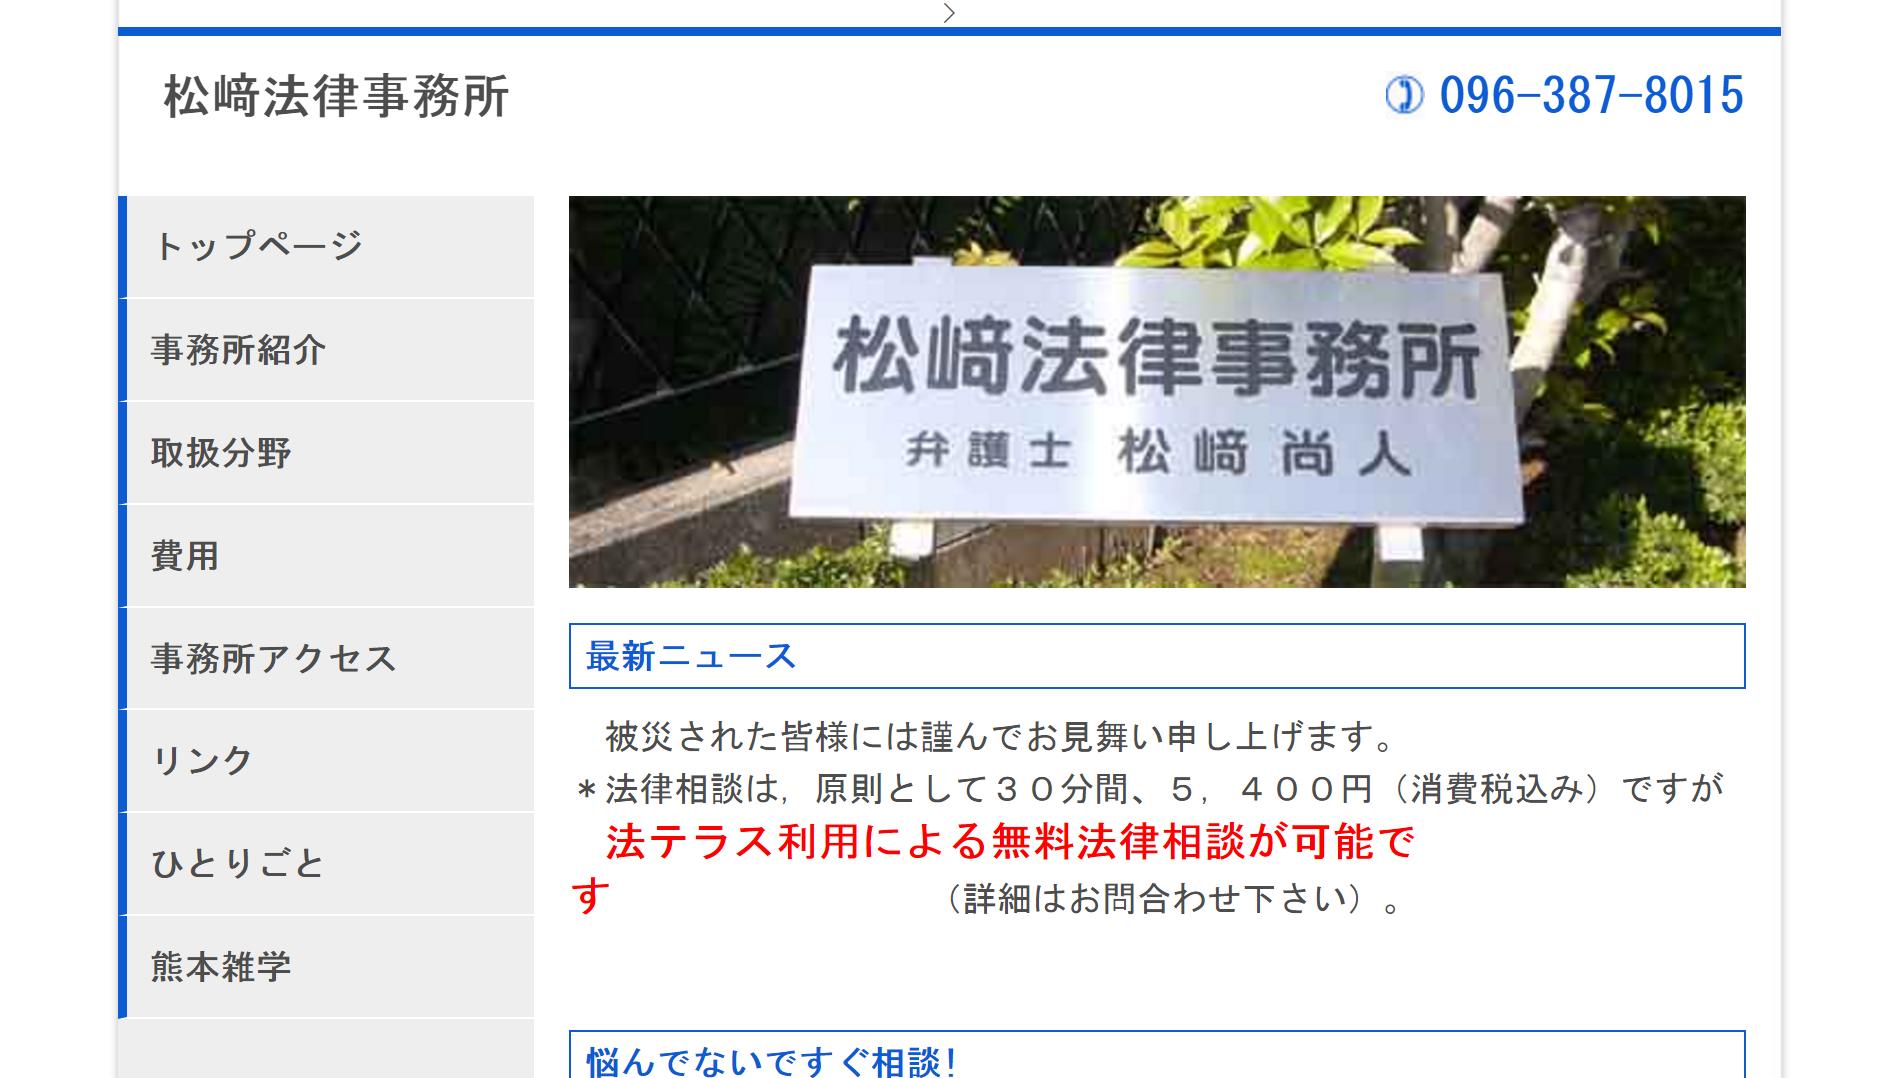 松崎法律事務所(熊本県熊本市中央区)